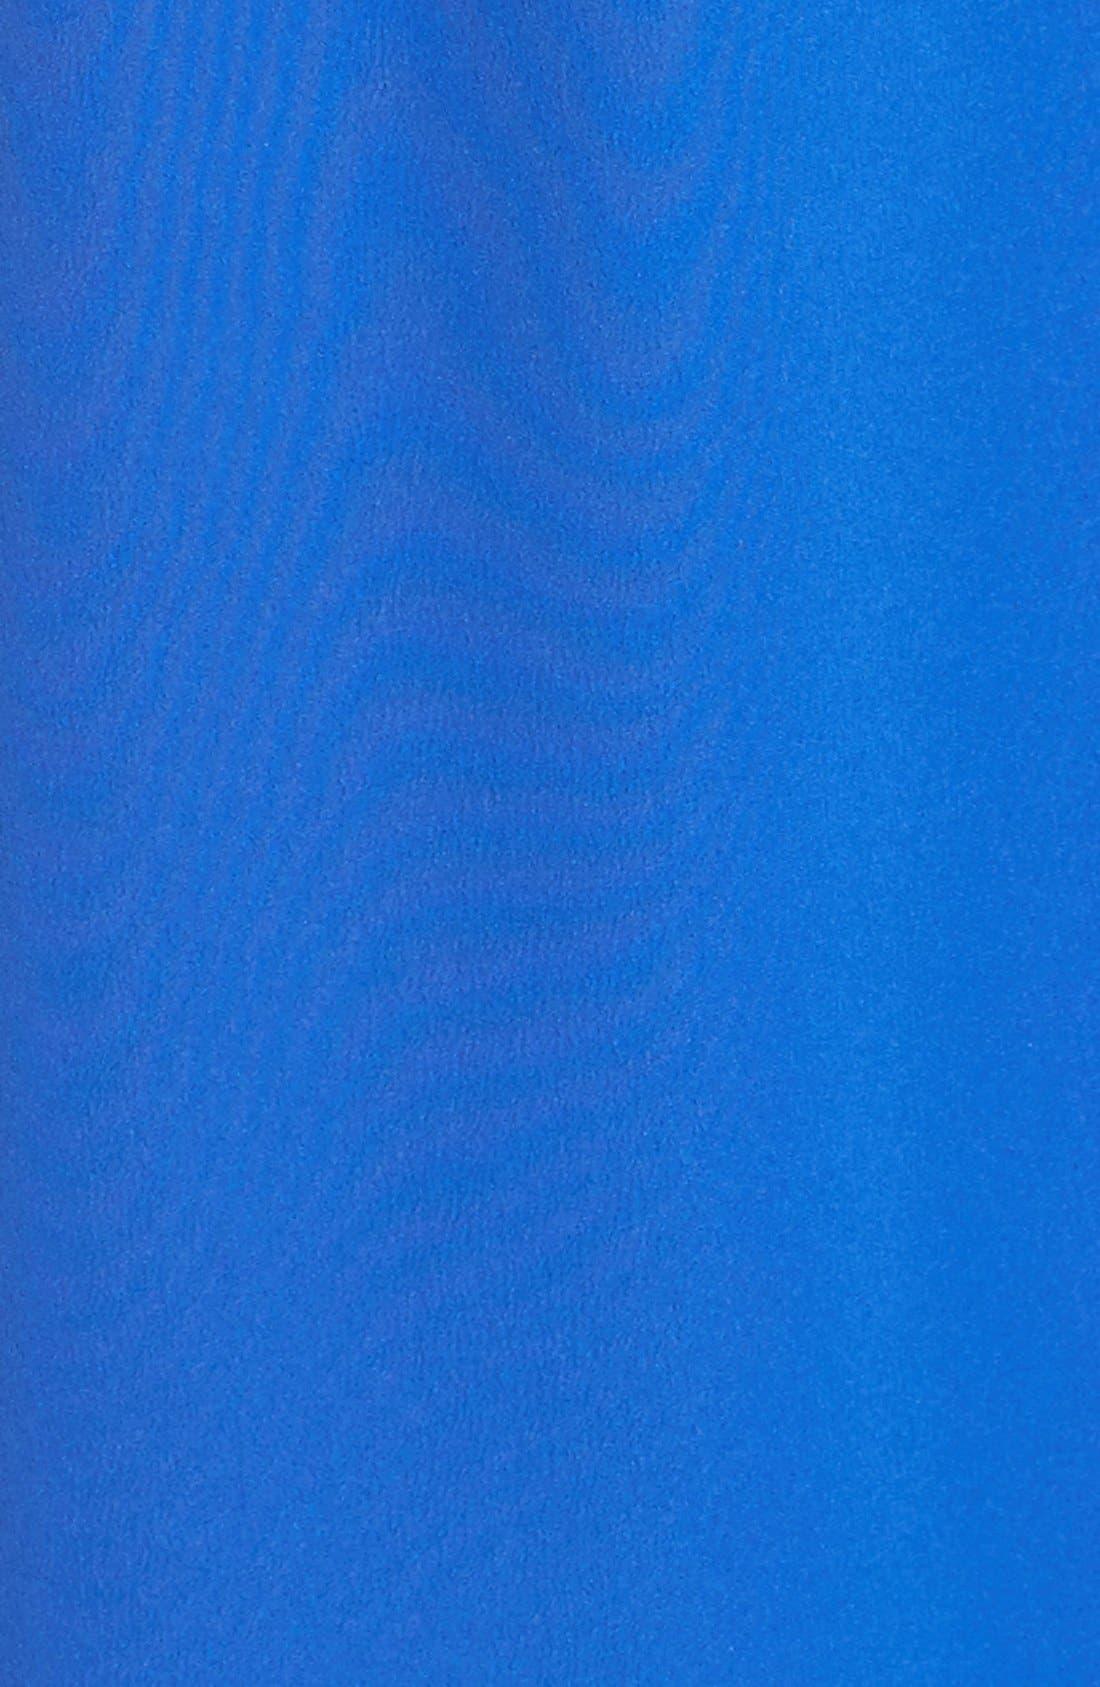 Cutaway Shoulder Maxi Dress,                             Alternate thumbnail 3, color,                             401